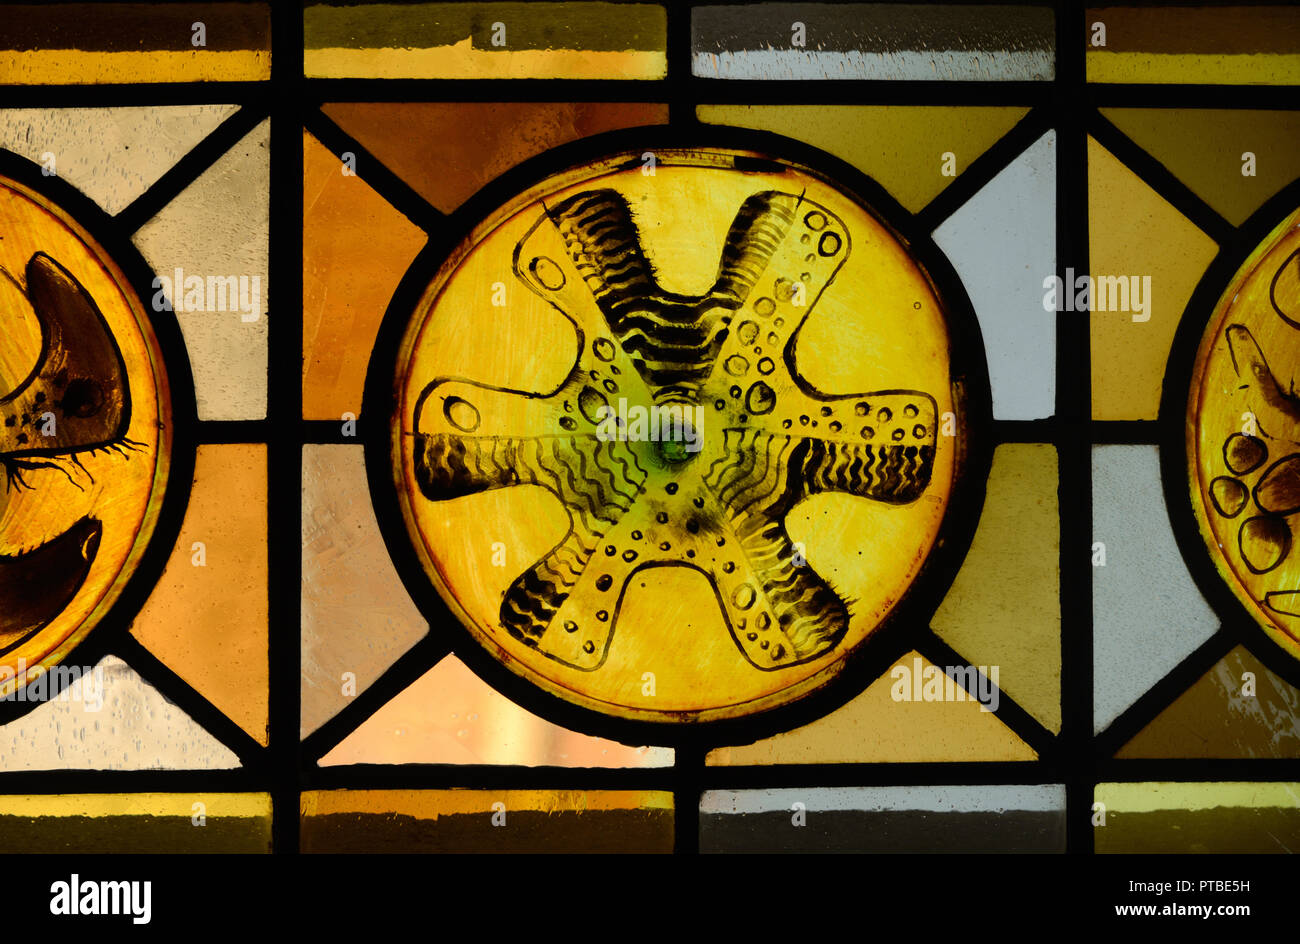 Résumé des motifs géométriques ou de vitrail dans l'église de Saint Trophime Arles Provence France Photo Stock